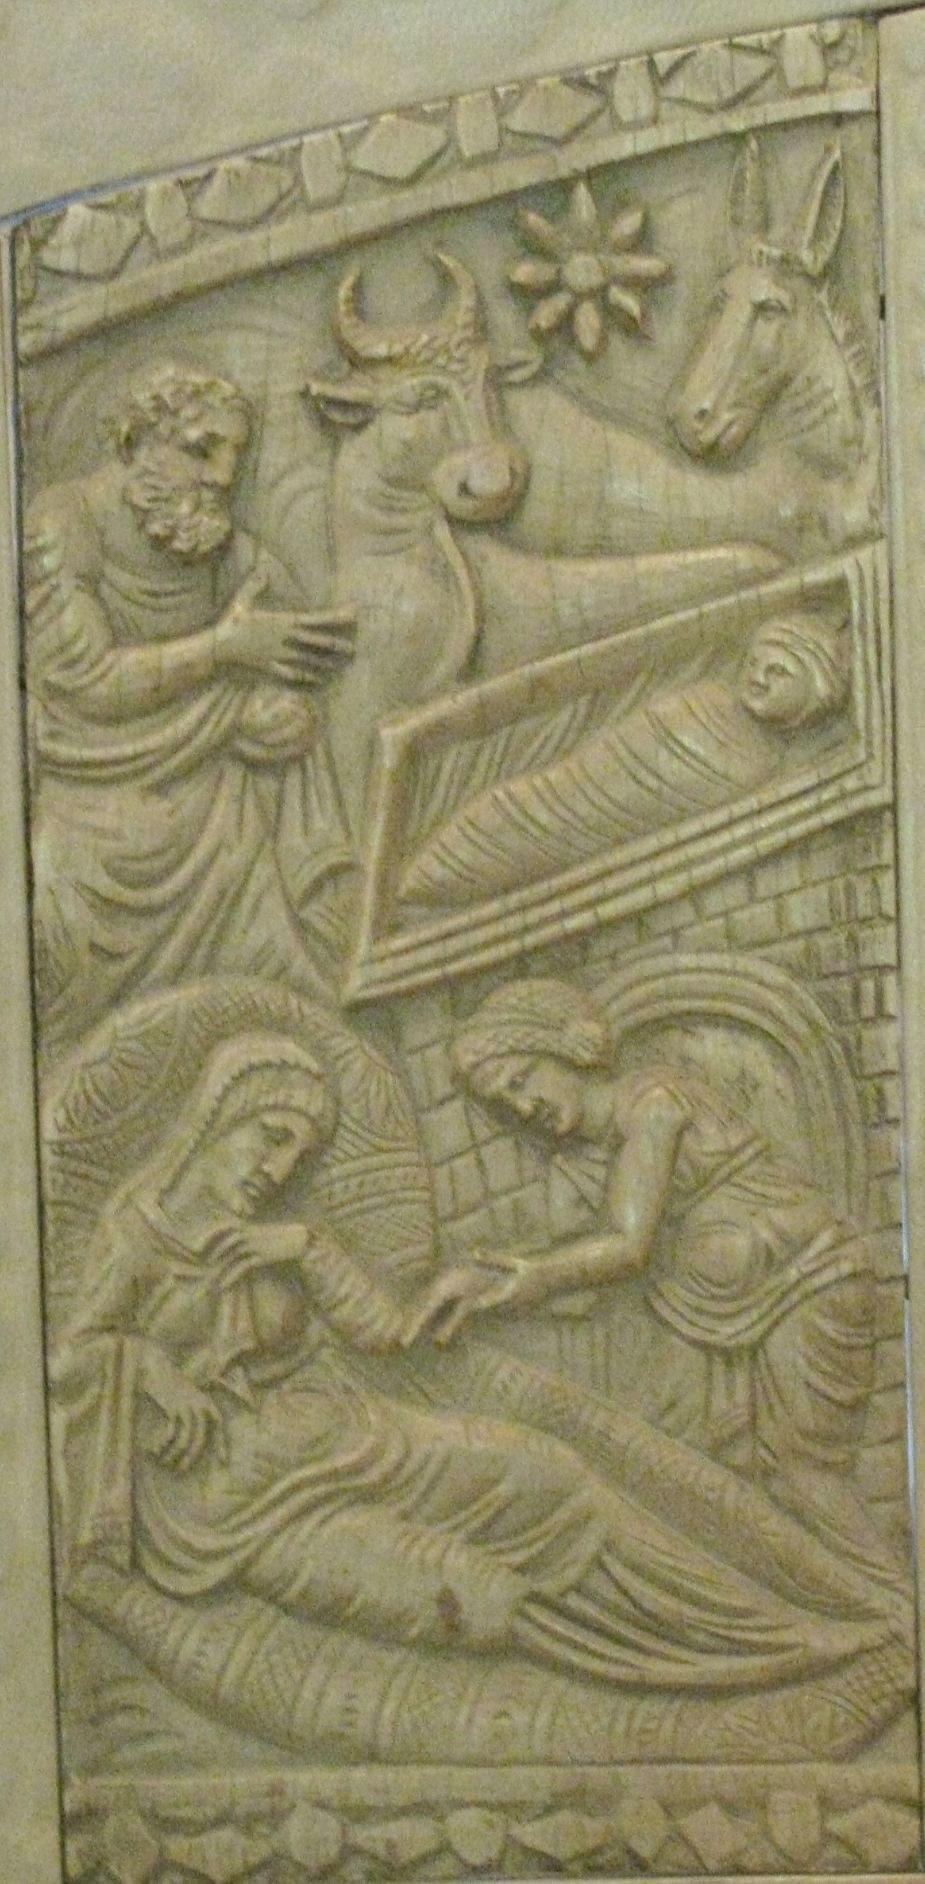 Nativity (Throne of Maximianus)